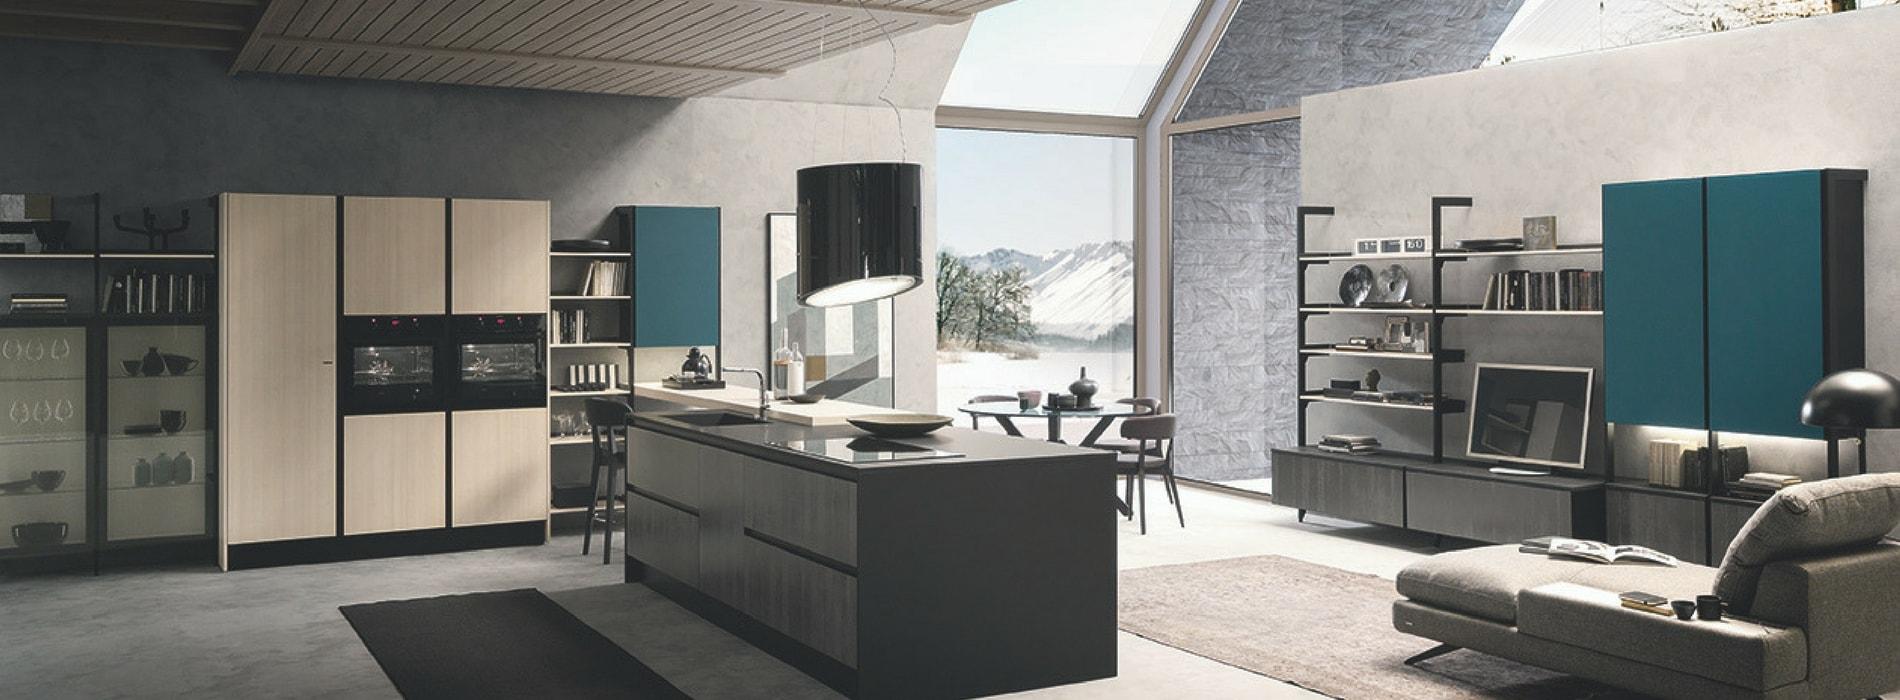 Elegant cucina con isola estetica e convivialit with for Cieffe arredamenti